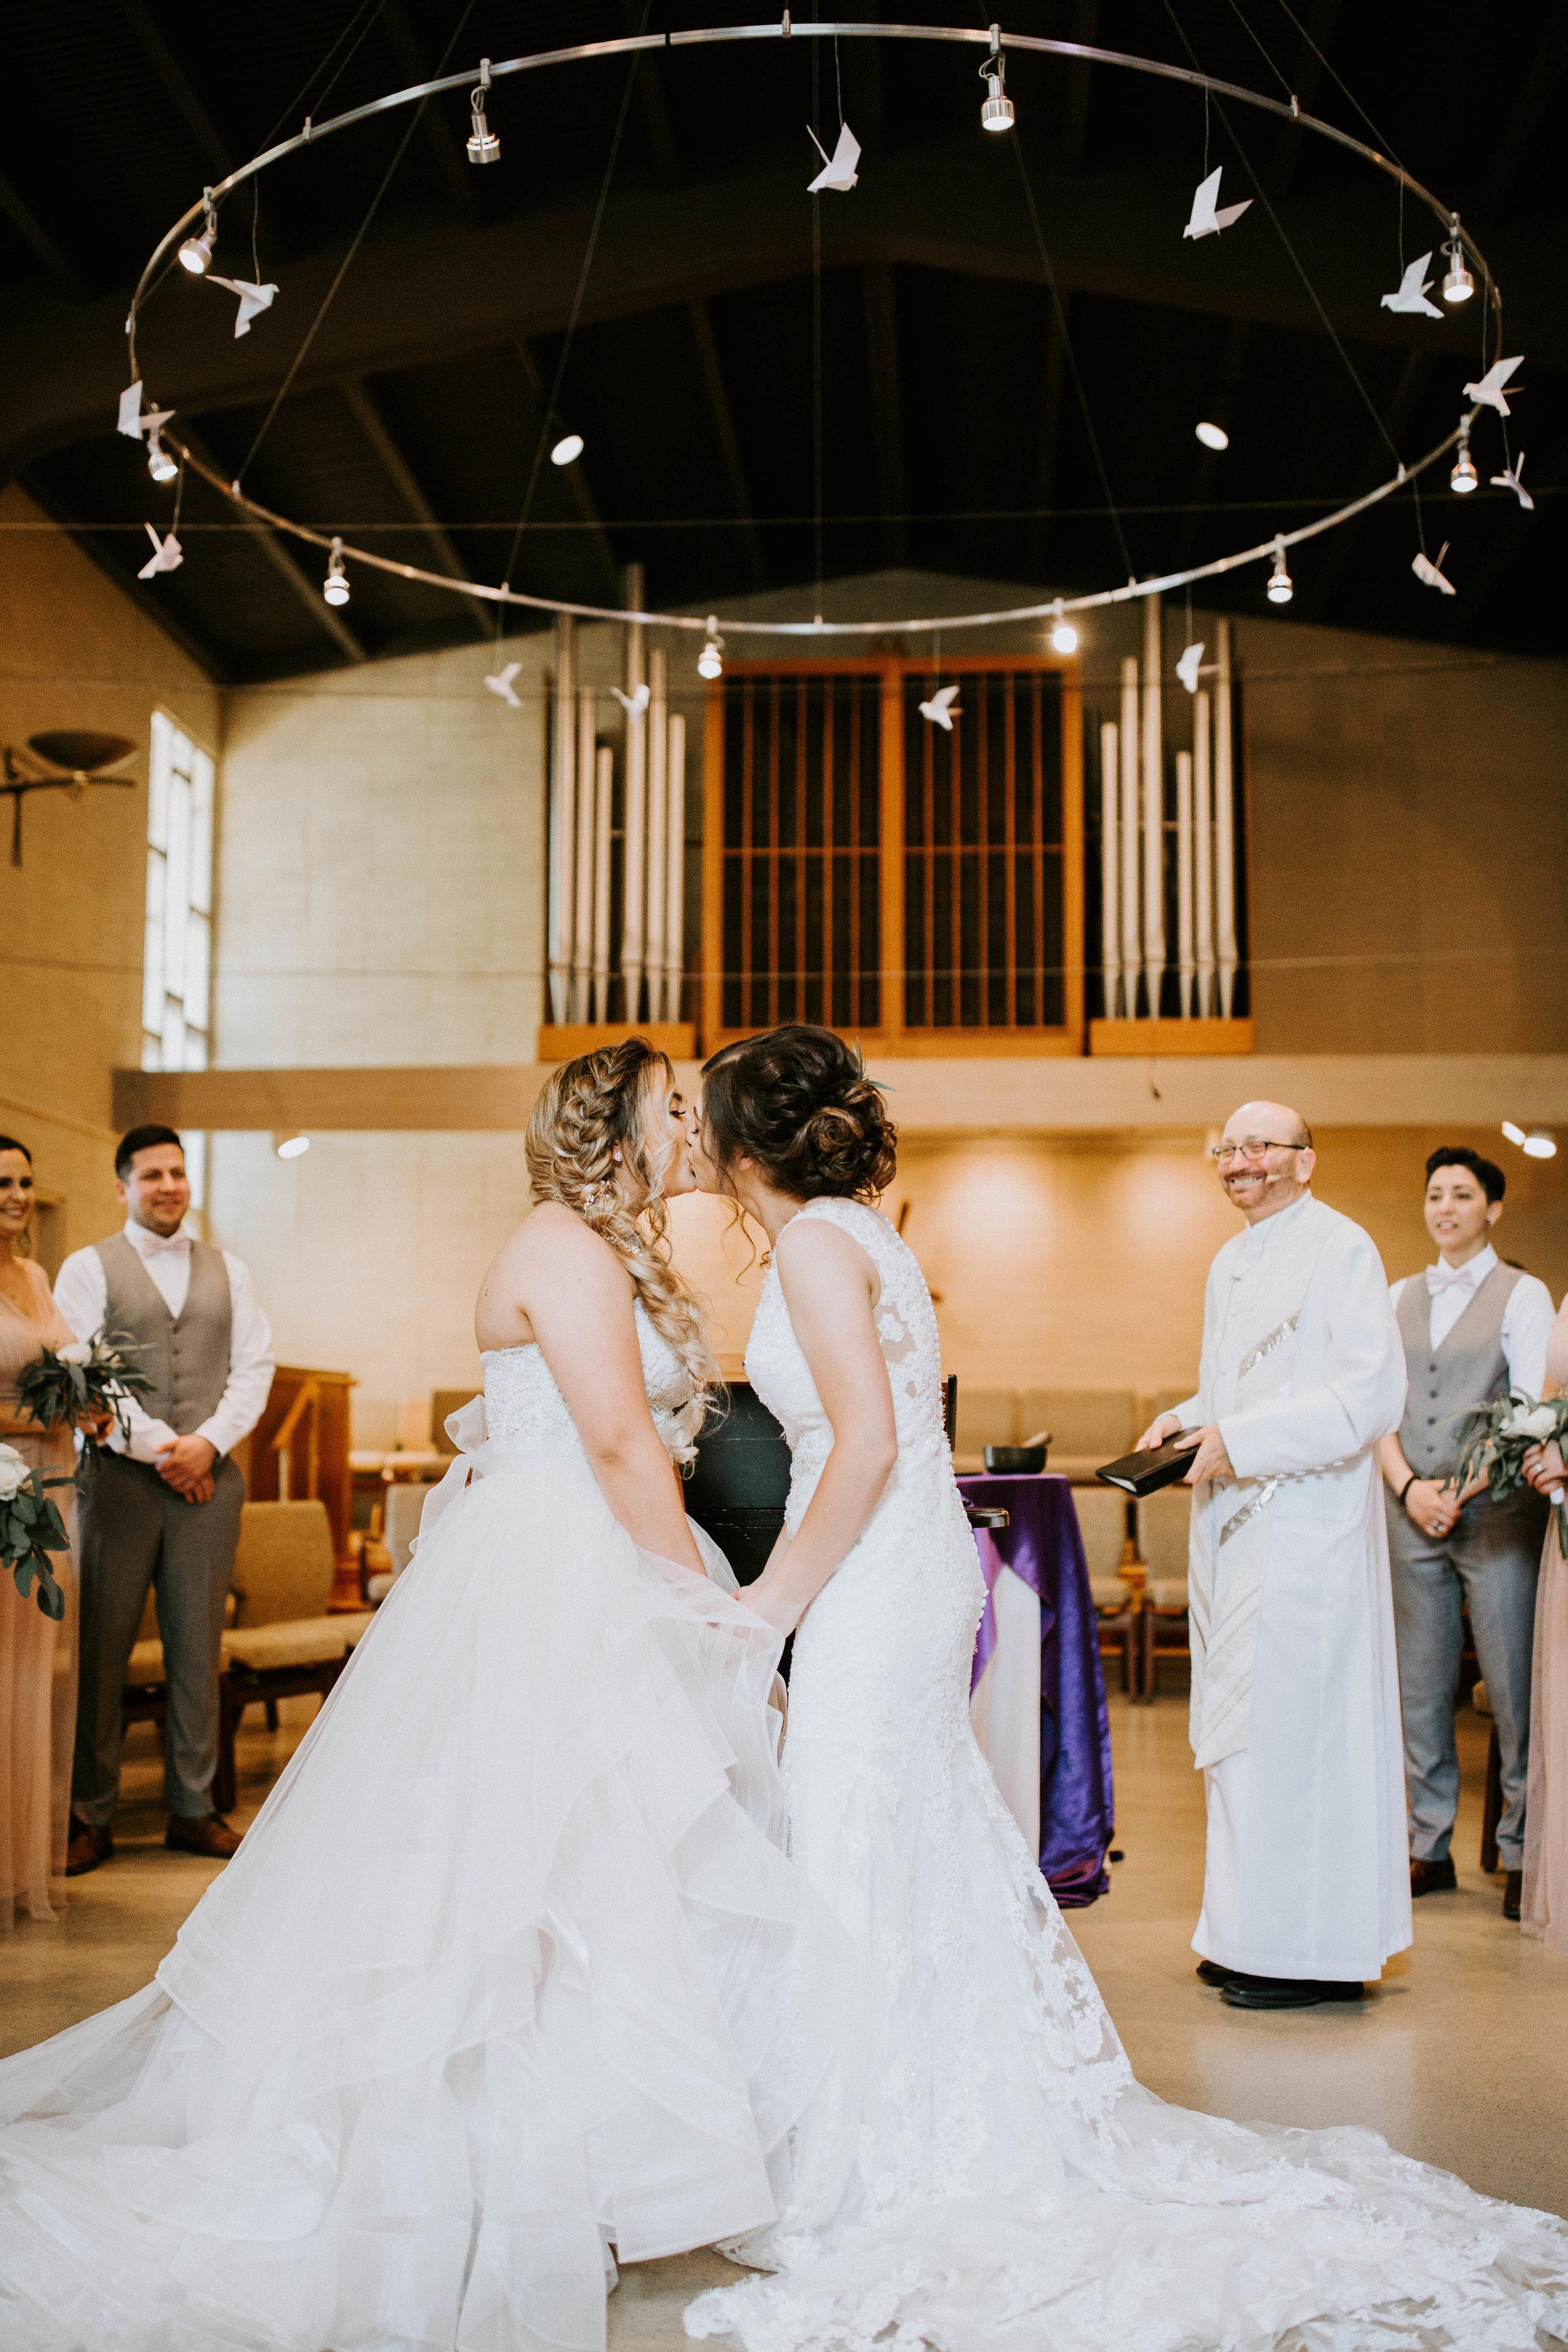 Kelsee&Yudith'sbackyardintimatewedding(121of646).jpg